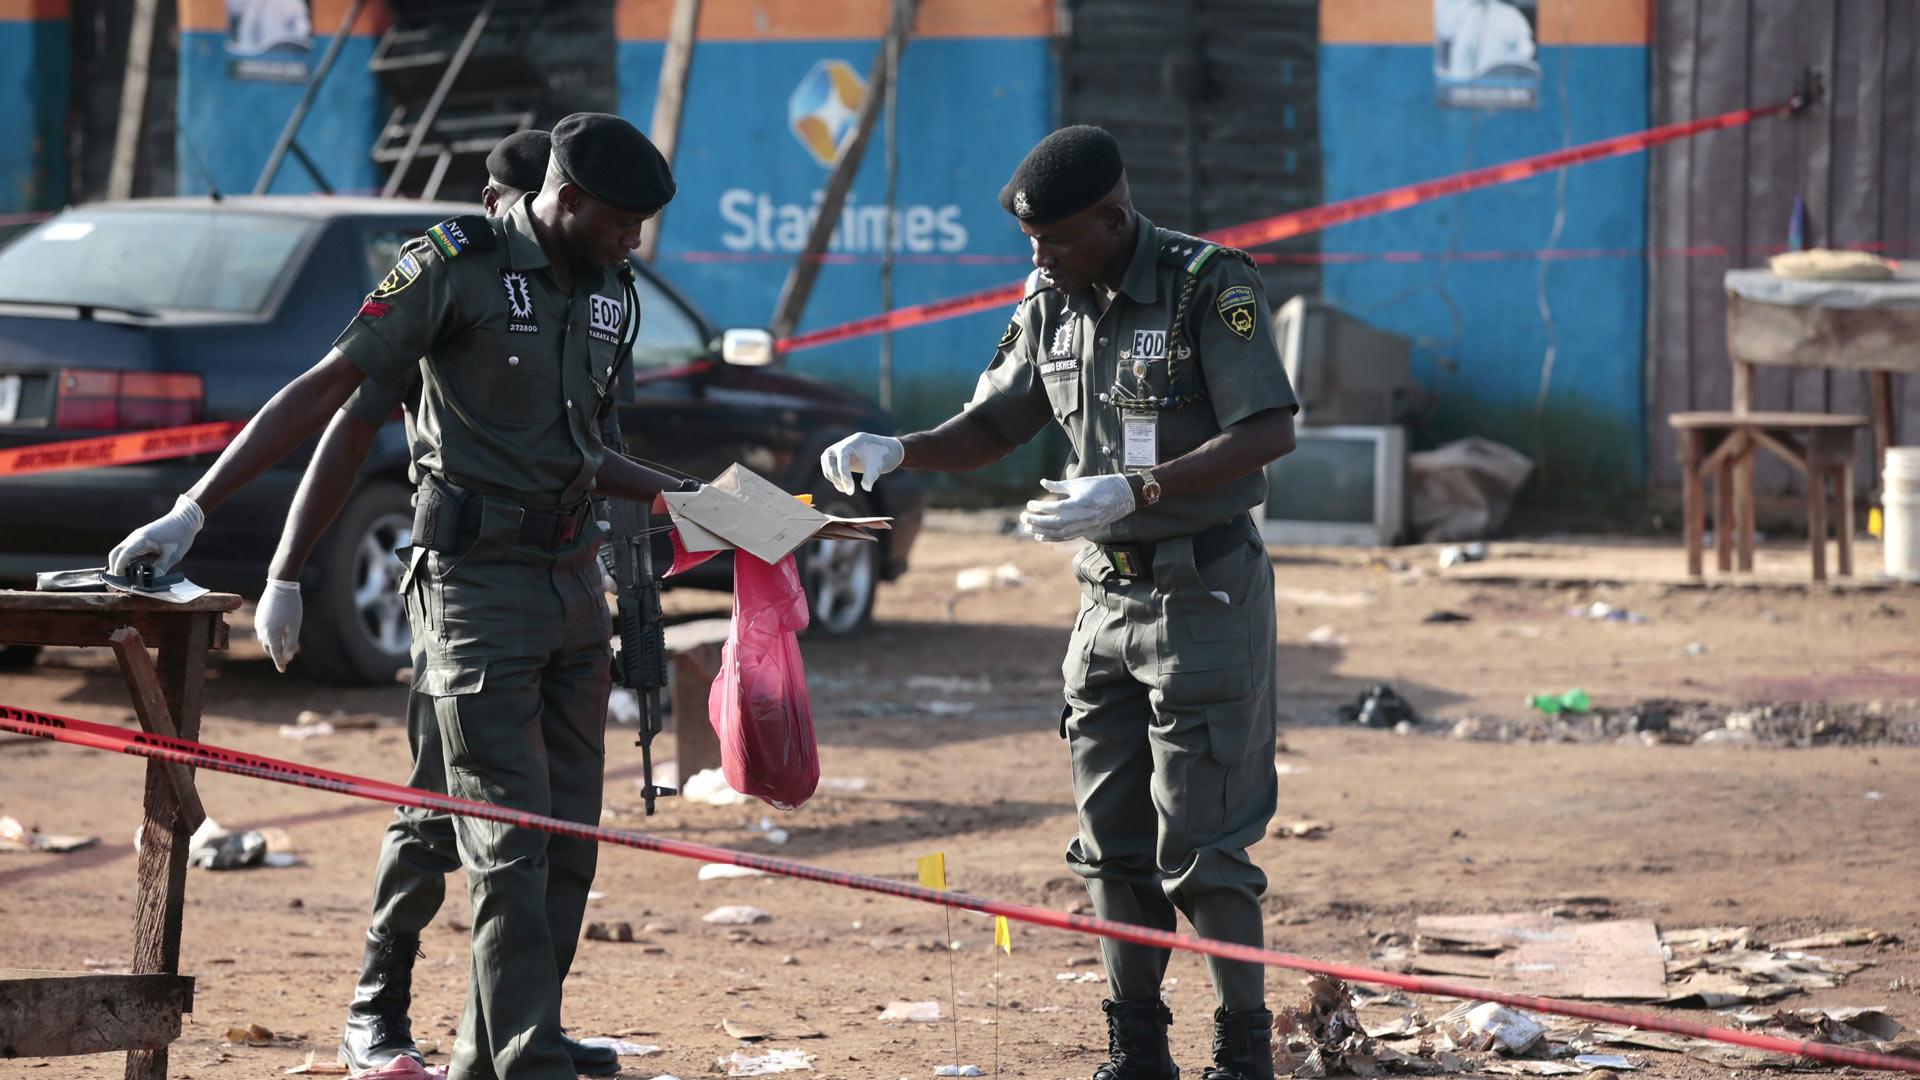 Es uno de los muchos atentados registrados en los últimos días por el grupo terrorista Boko Haram